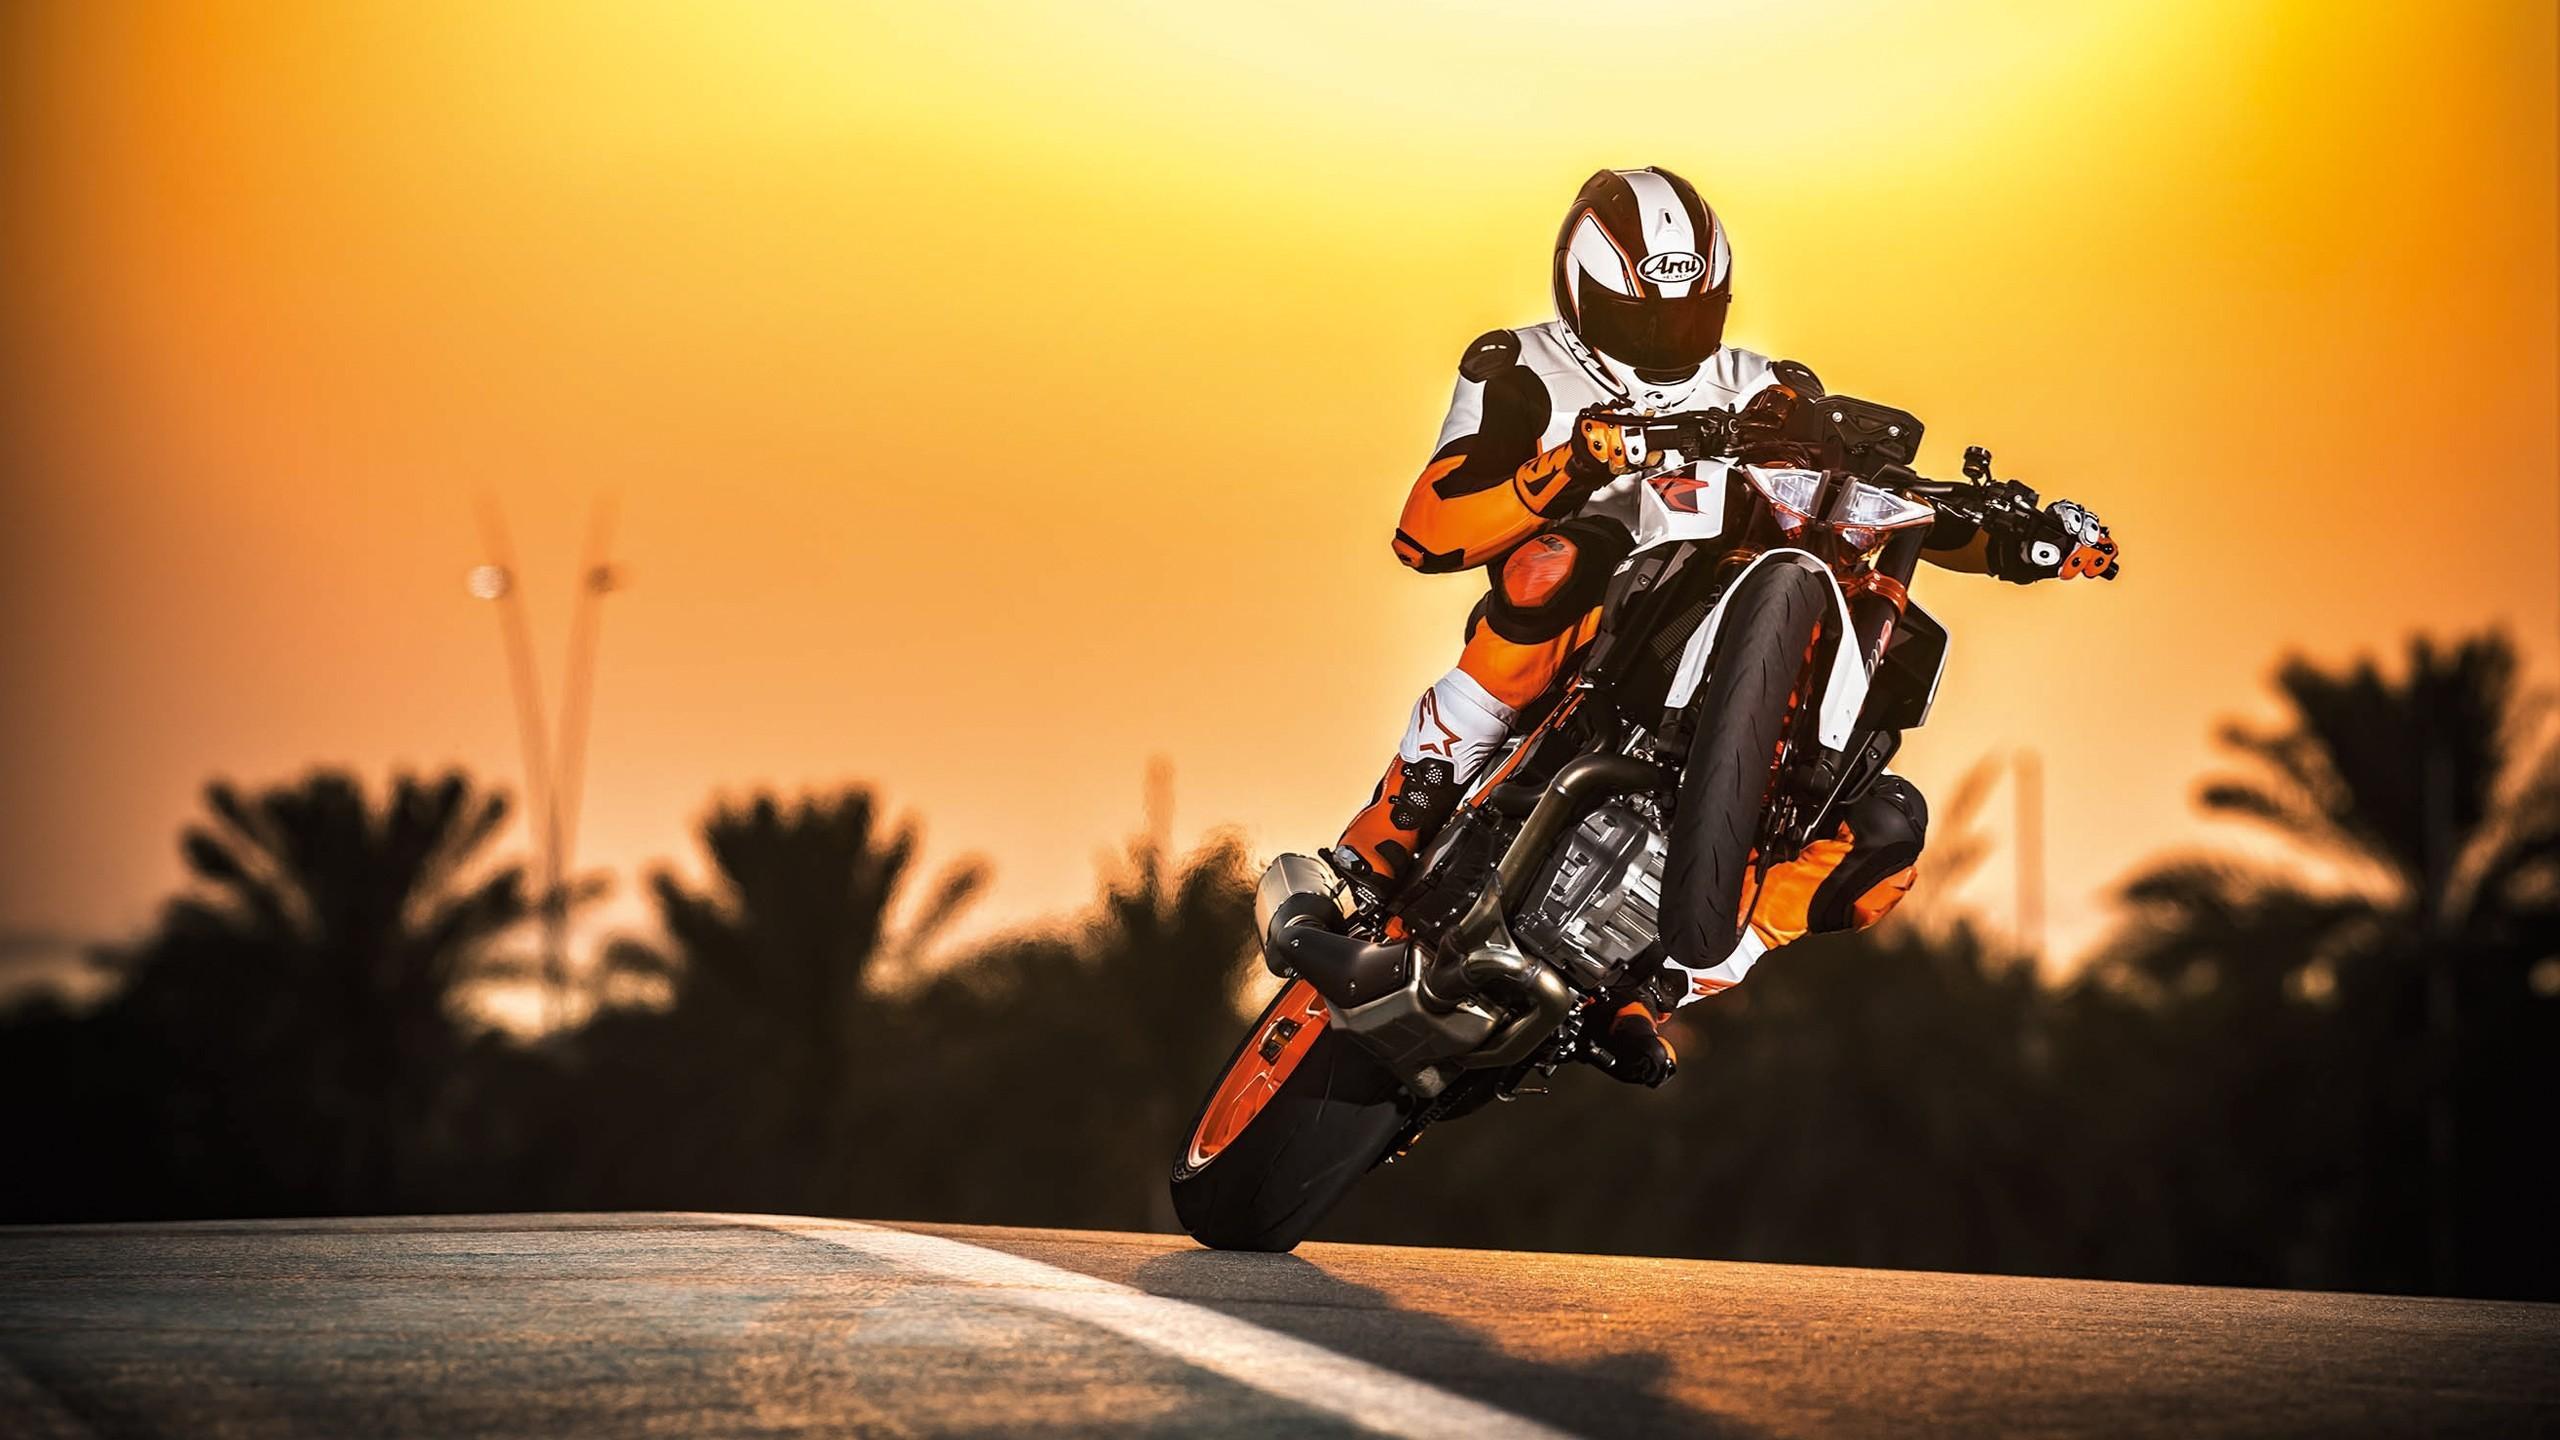 Res: 2560x1440, 2017 ktm 1290 super duke r stunt 2560×1440